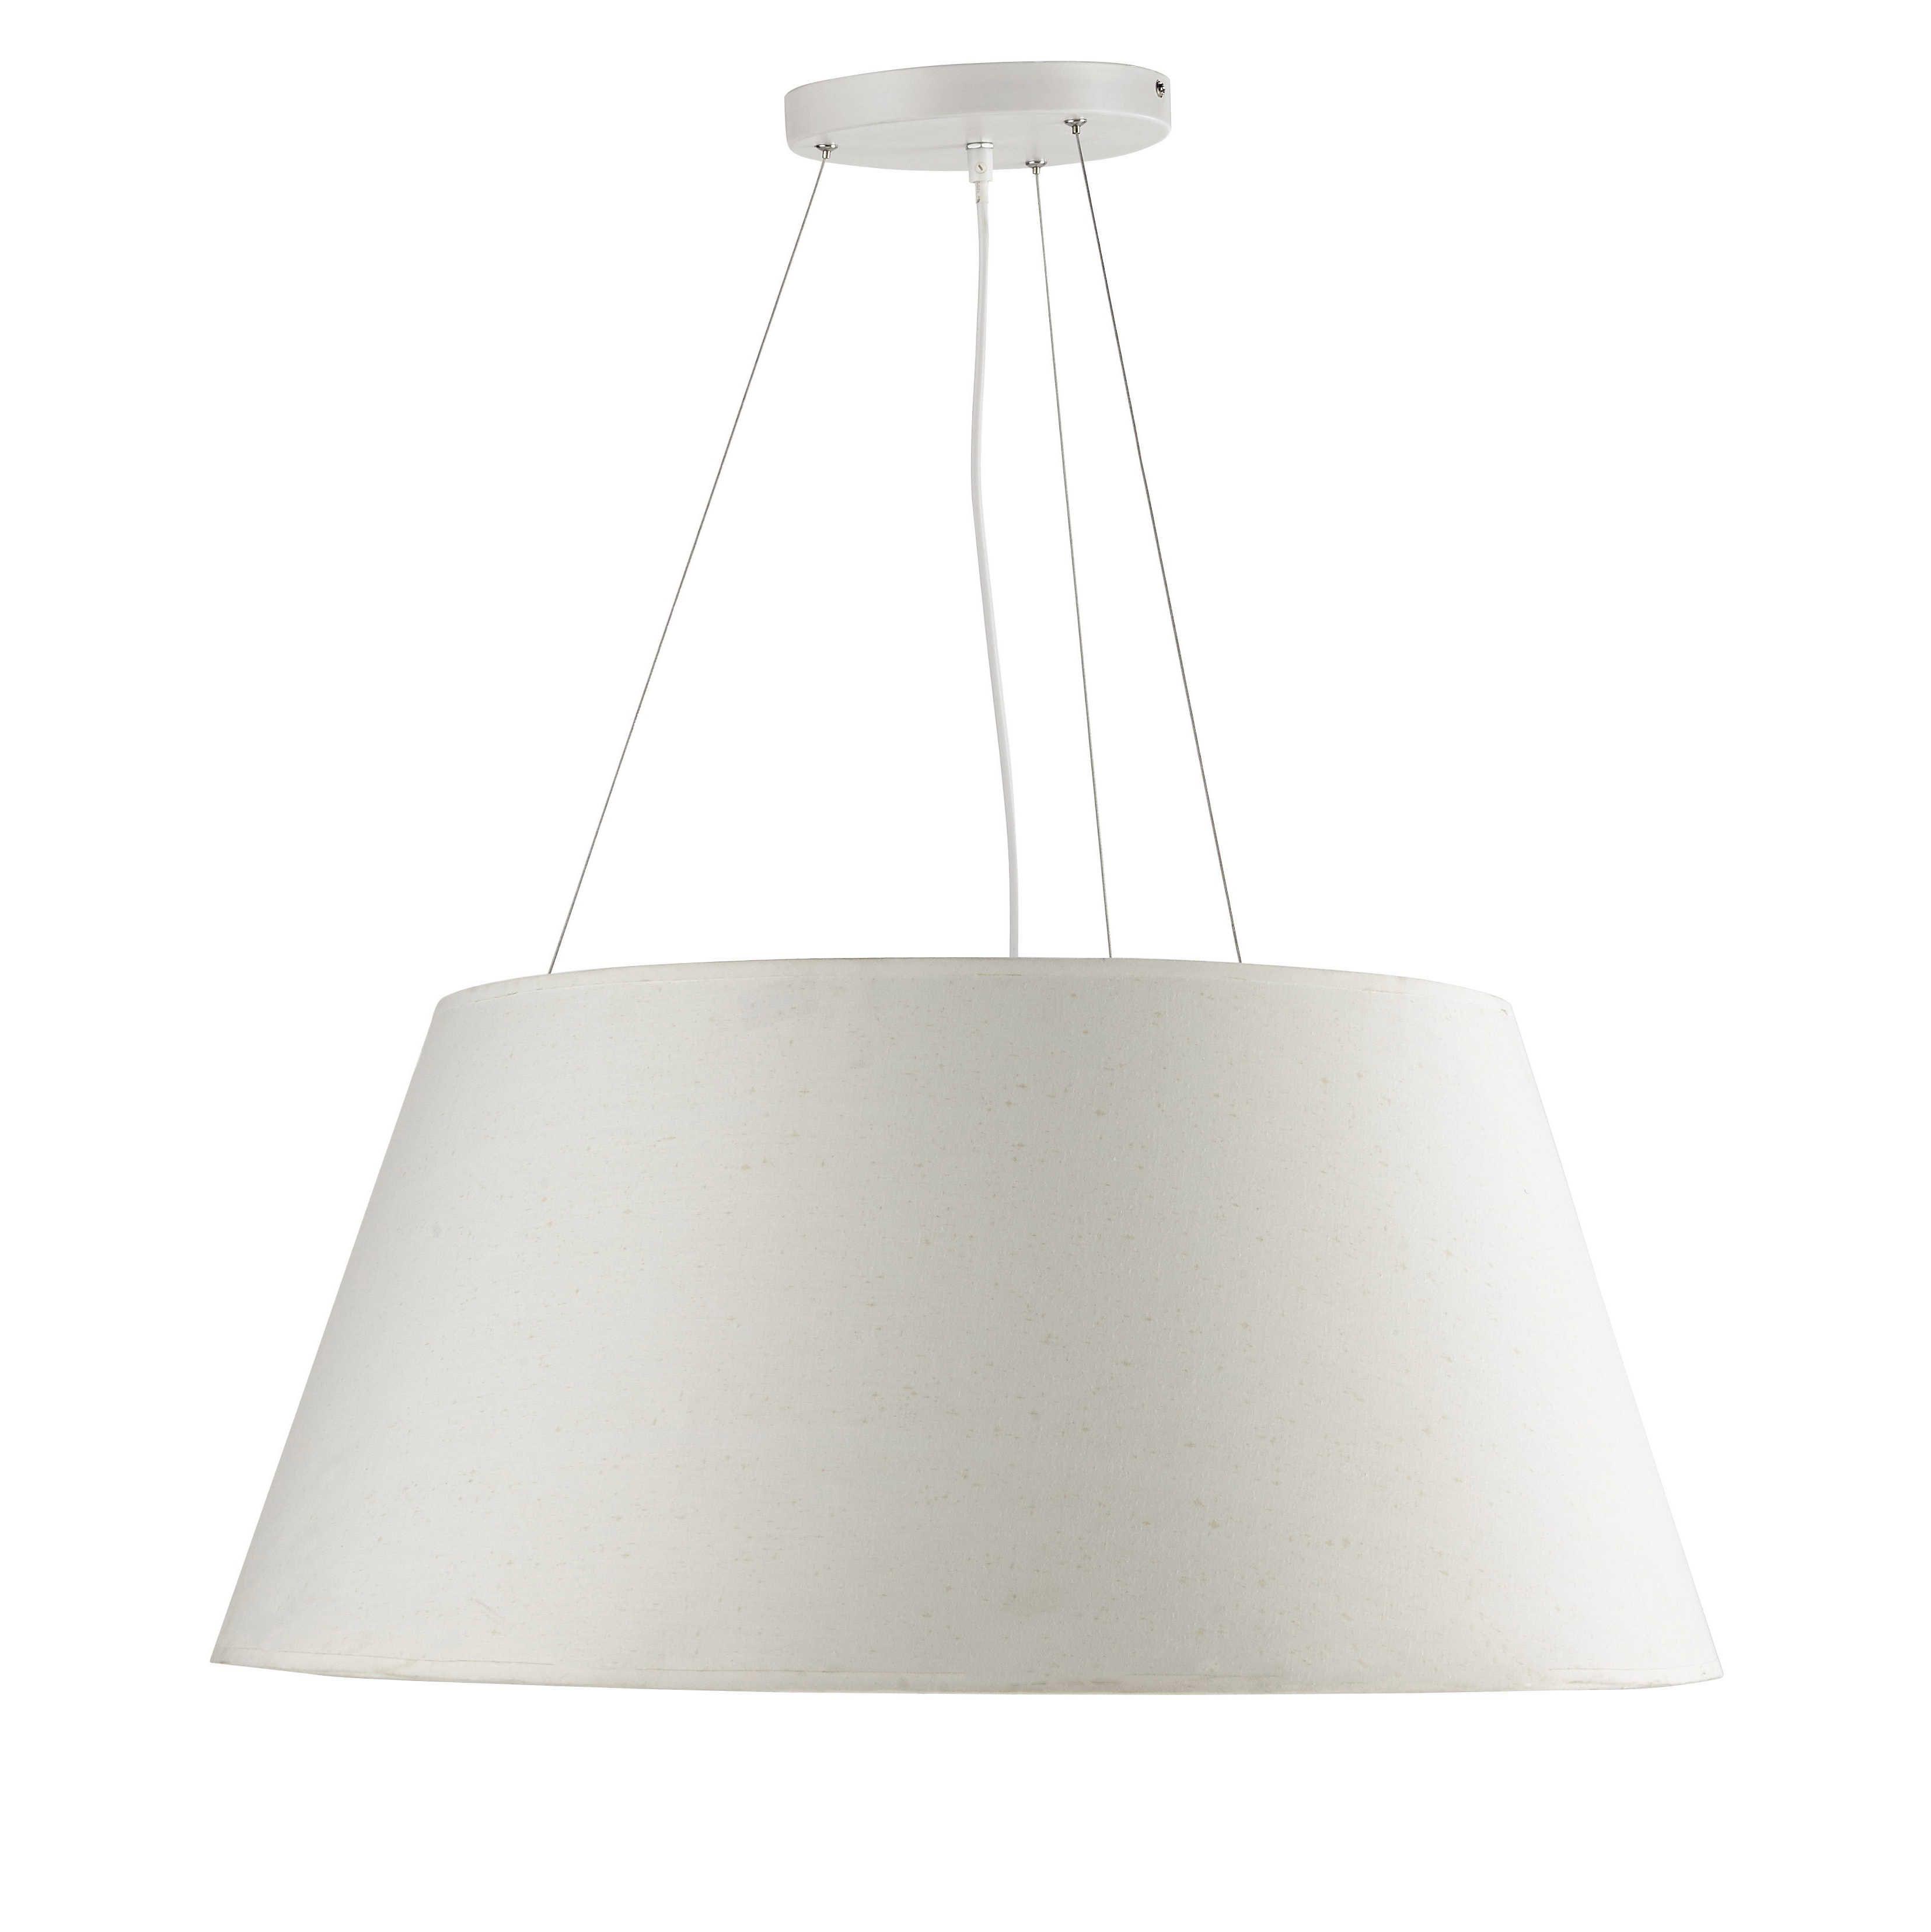 Suspension en coton blanche D 75 cm LISON | Luminaires | Pinterest